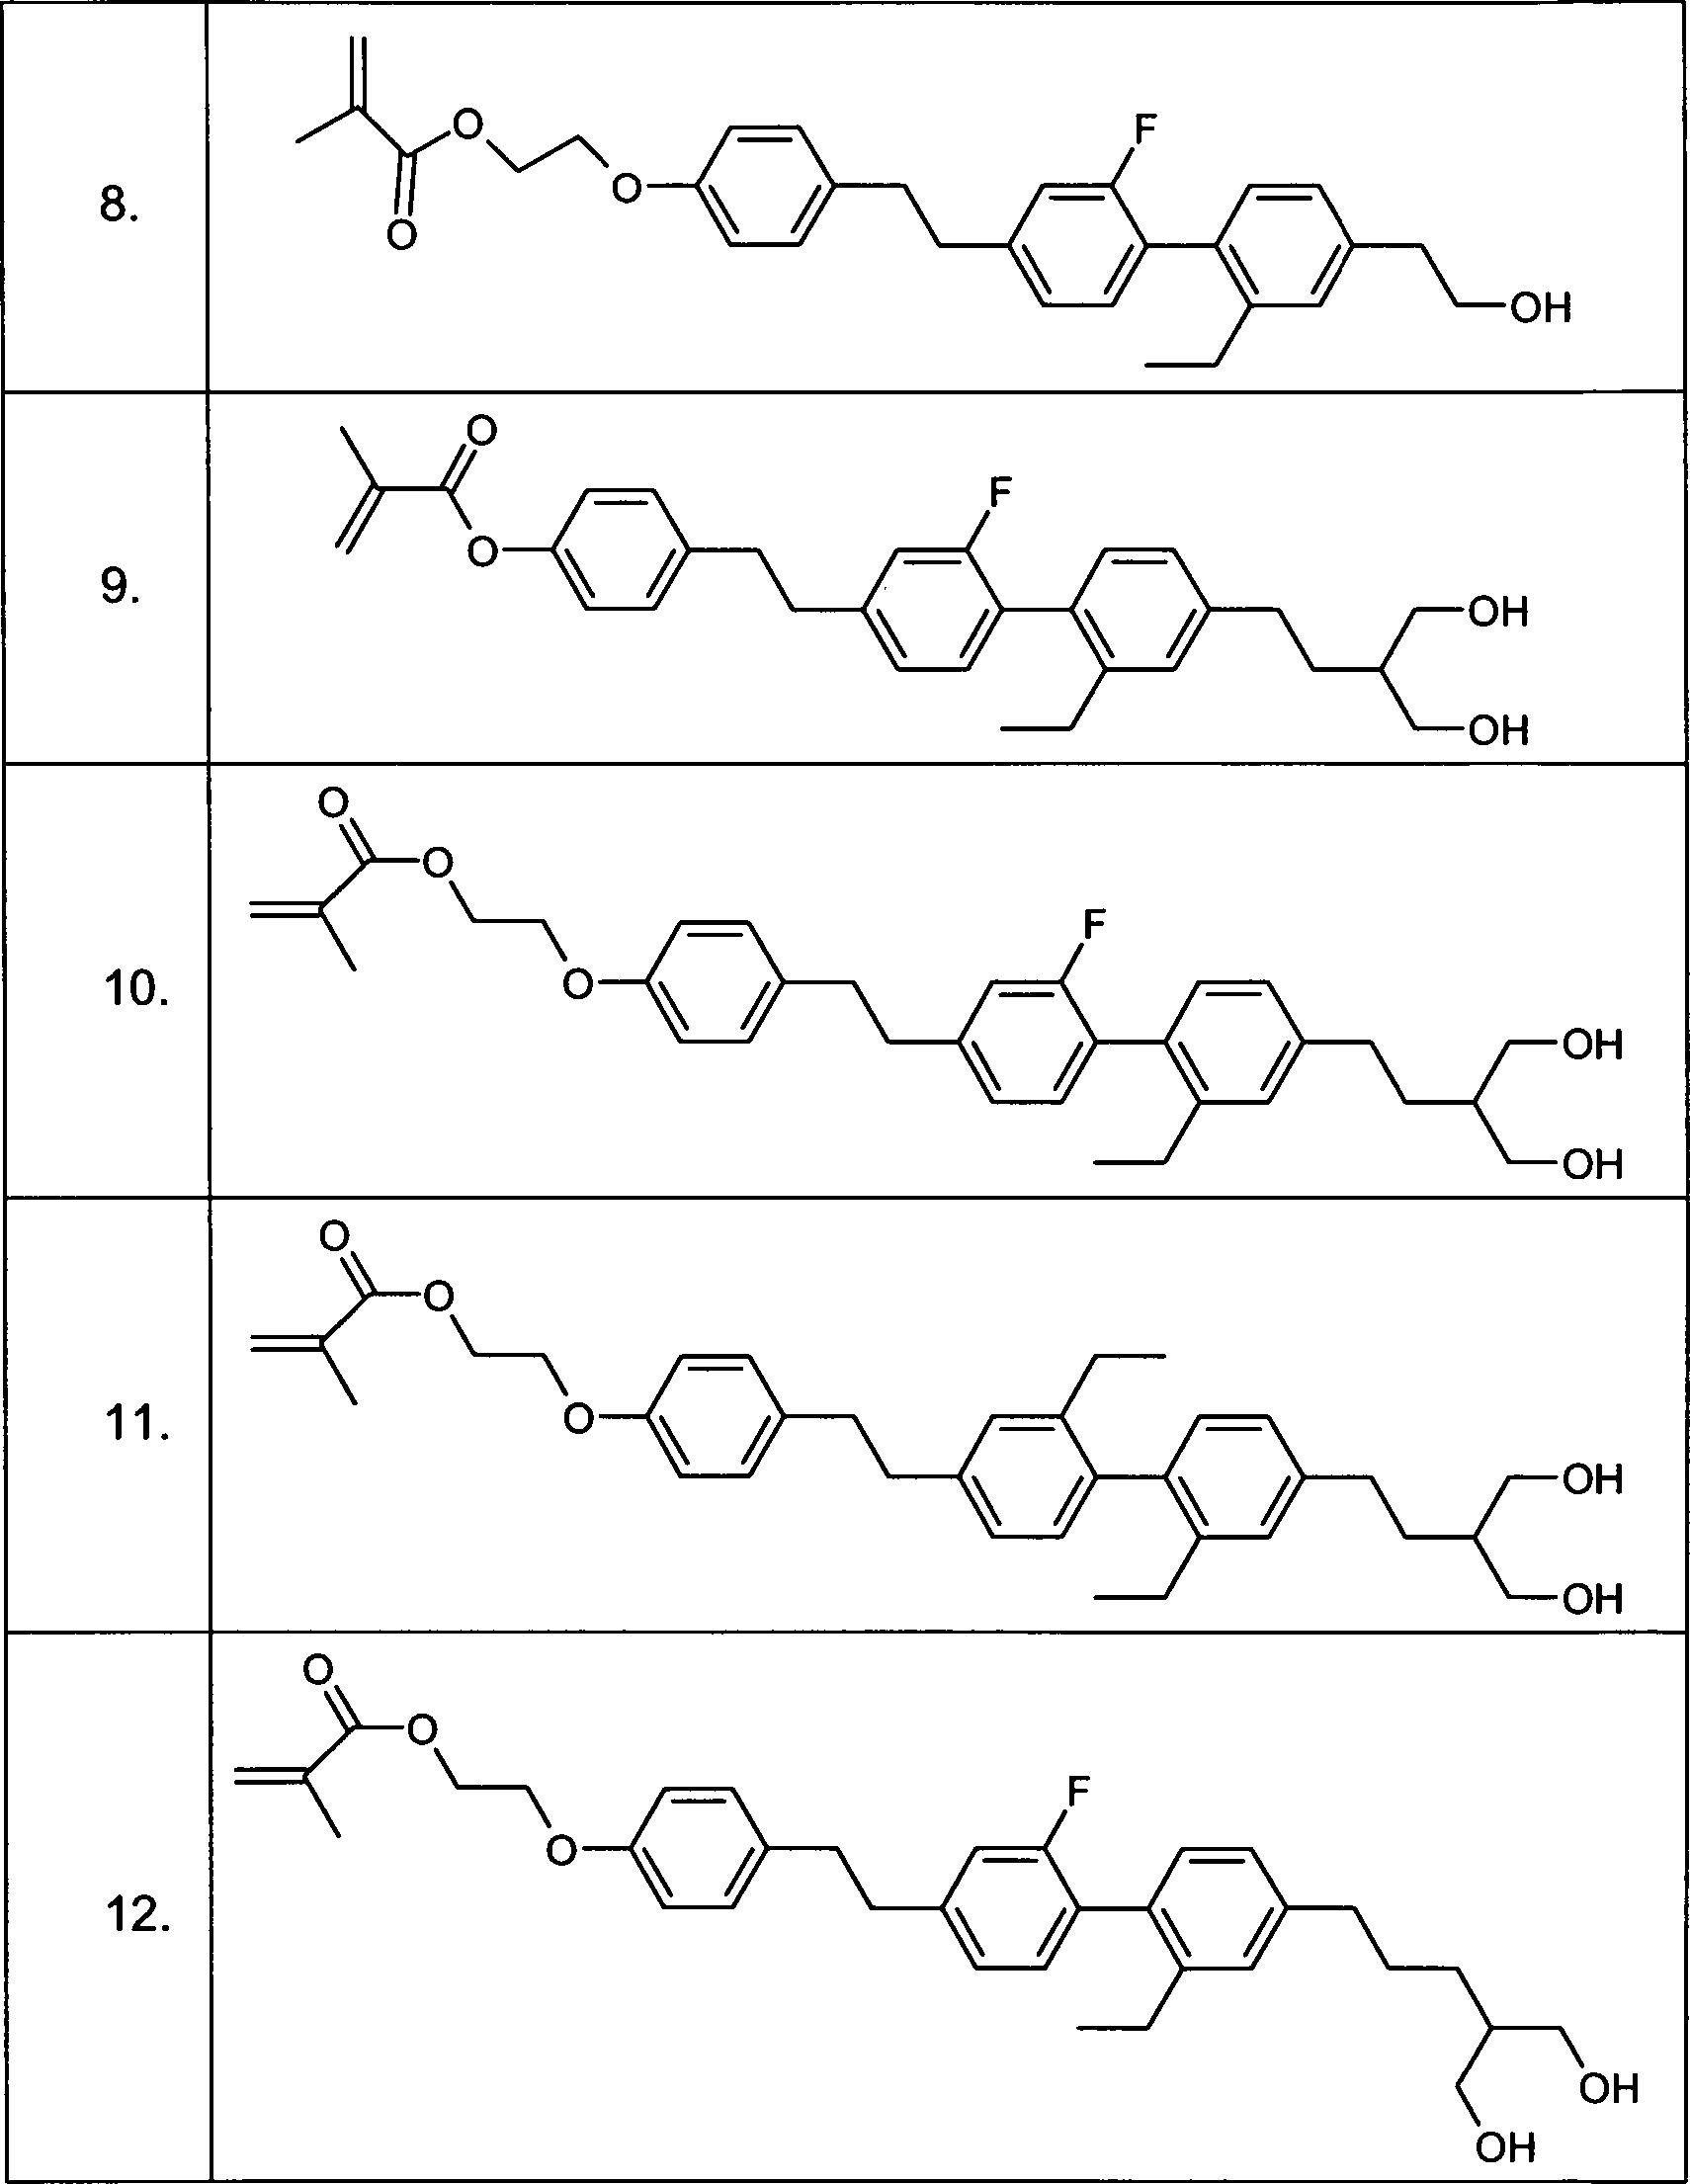 Figure DE102015008172A1_0111